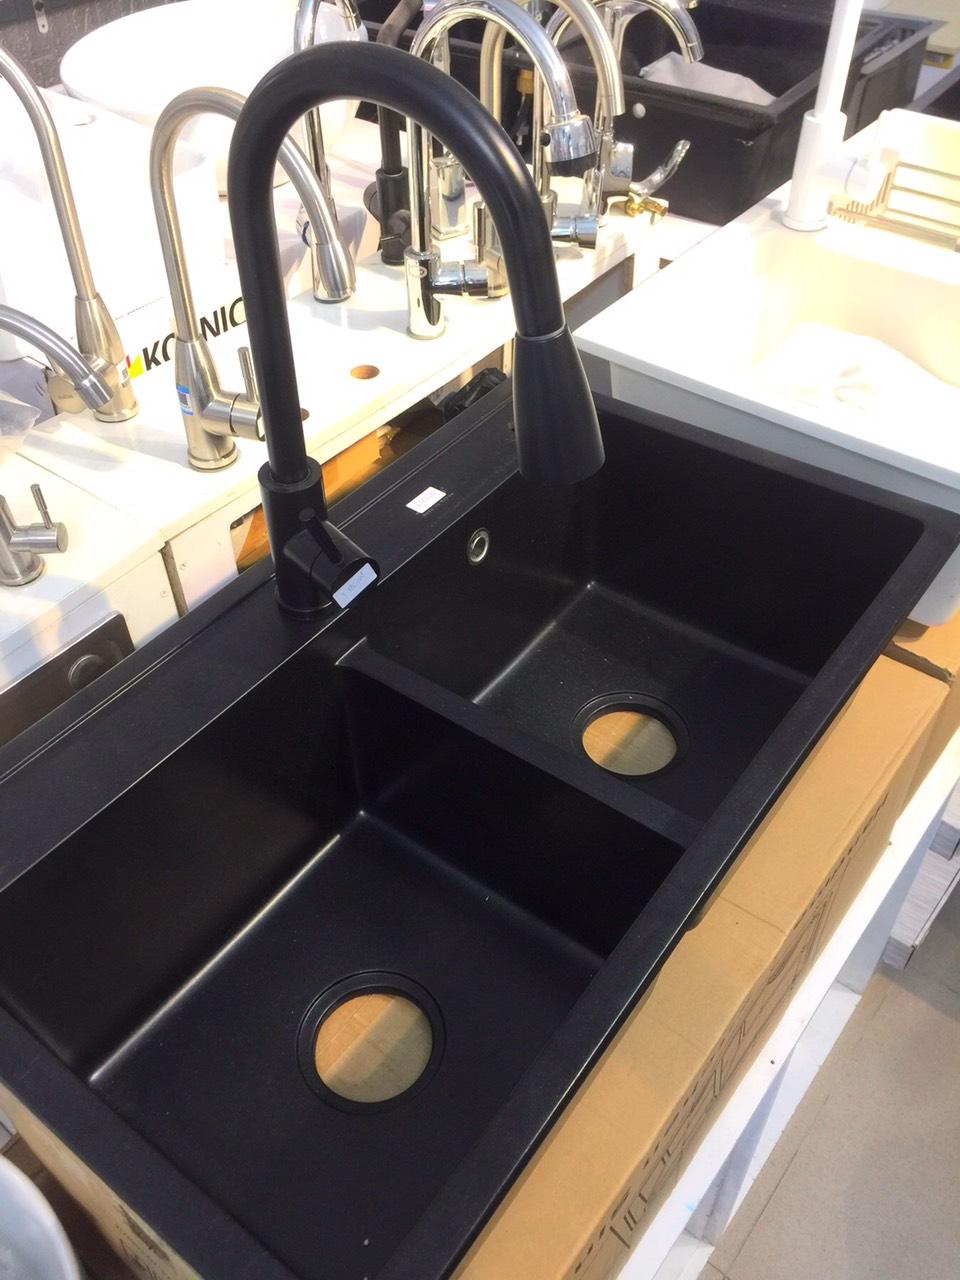 Vòi rửa bát dây rút màu đen nano 2 chế độ rửa